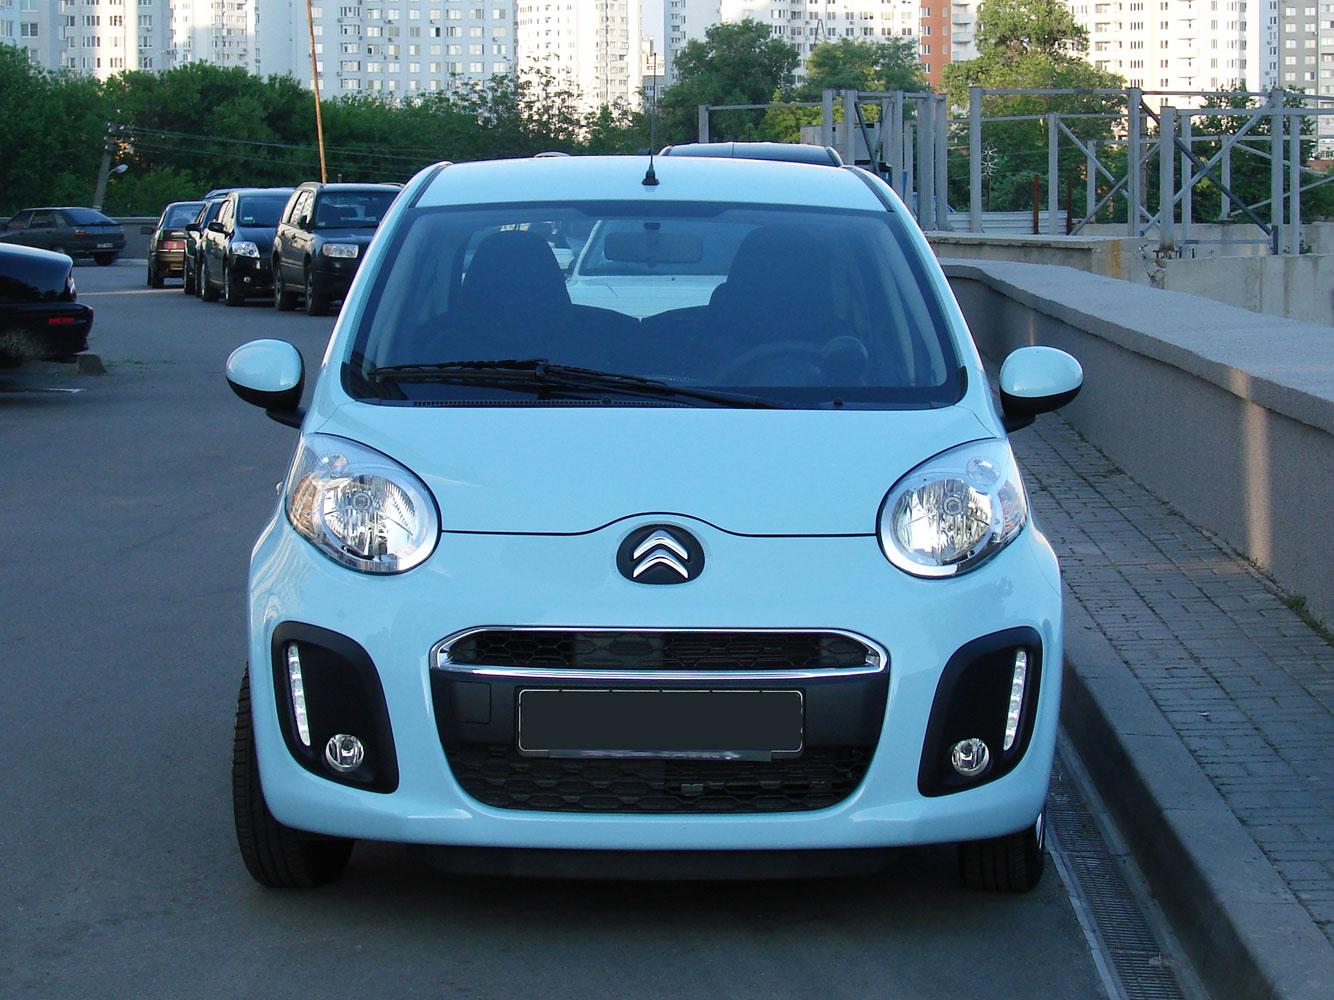 Citroen_c1_2012_facelift_front